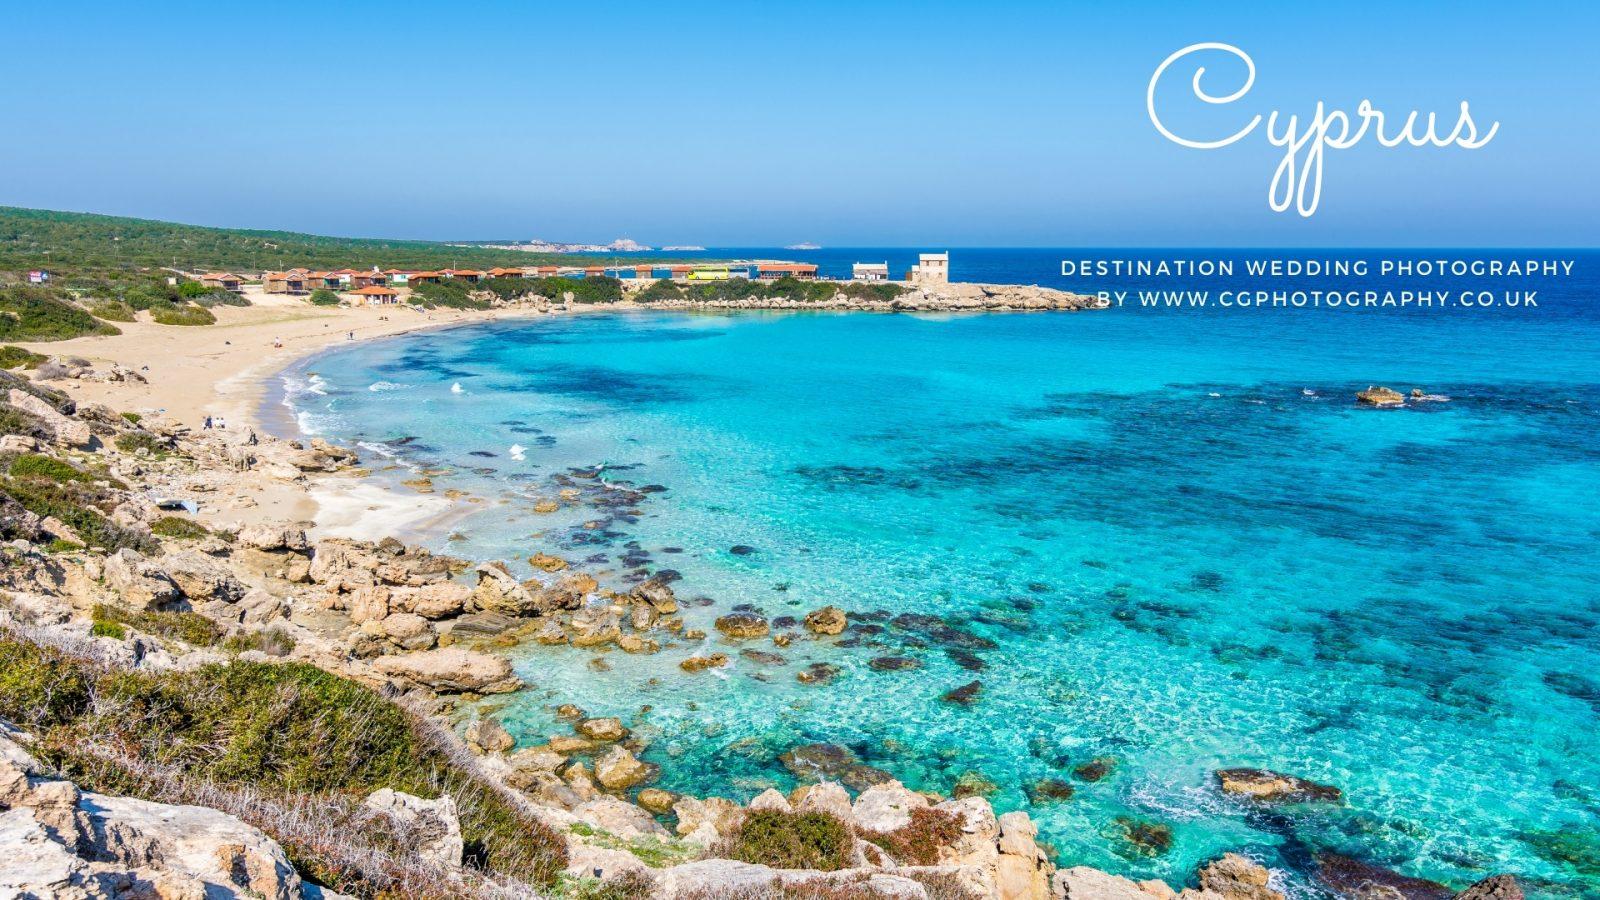 Beach Wedding in Cyprus